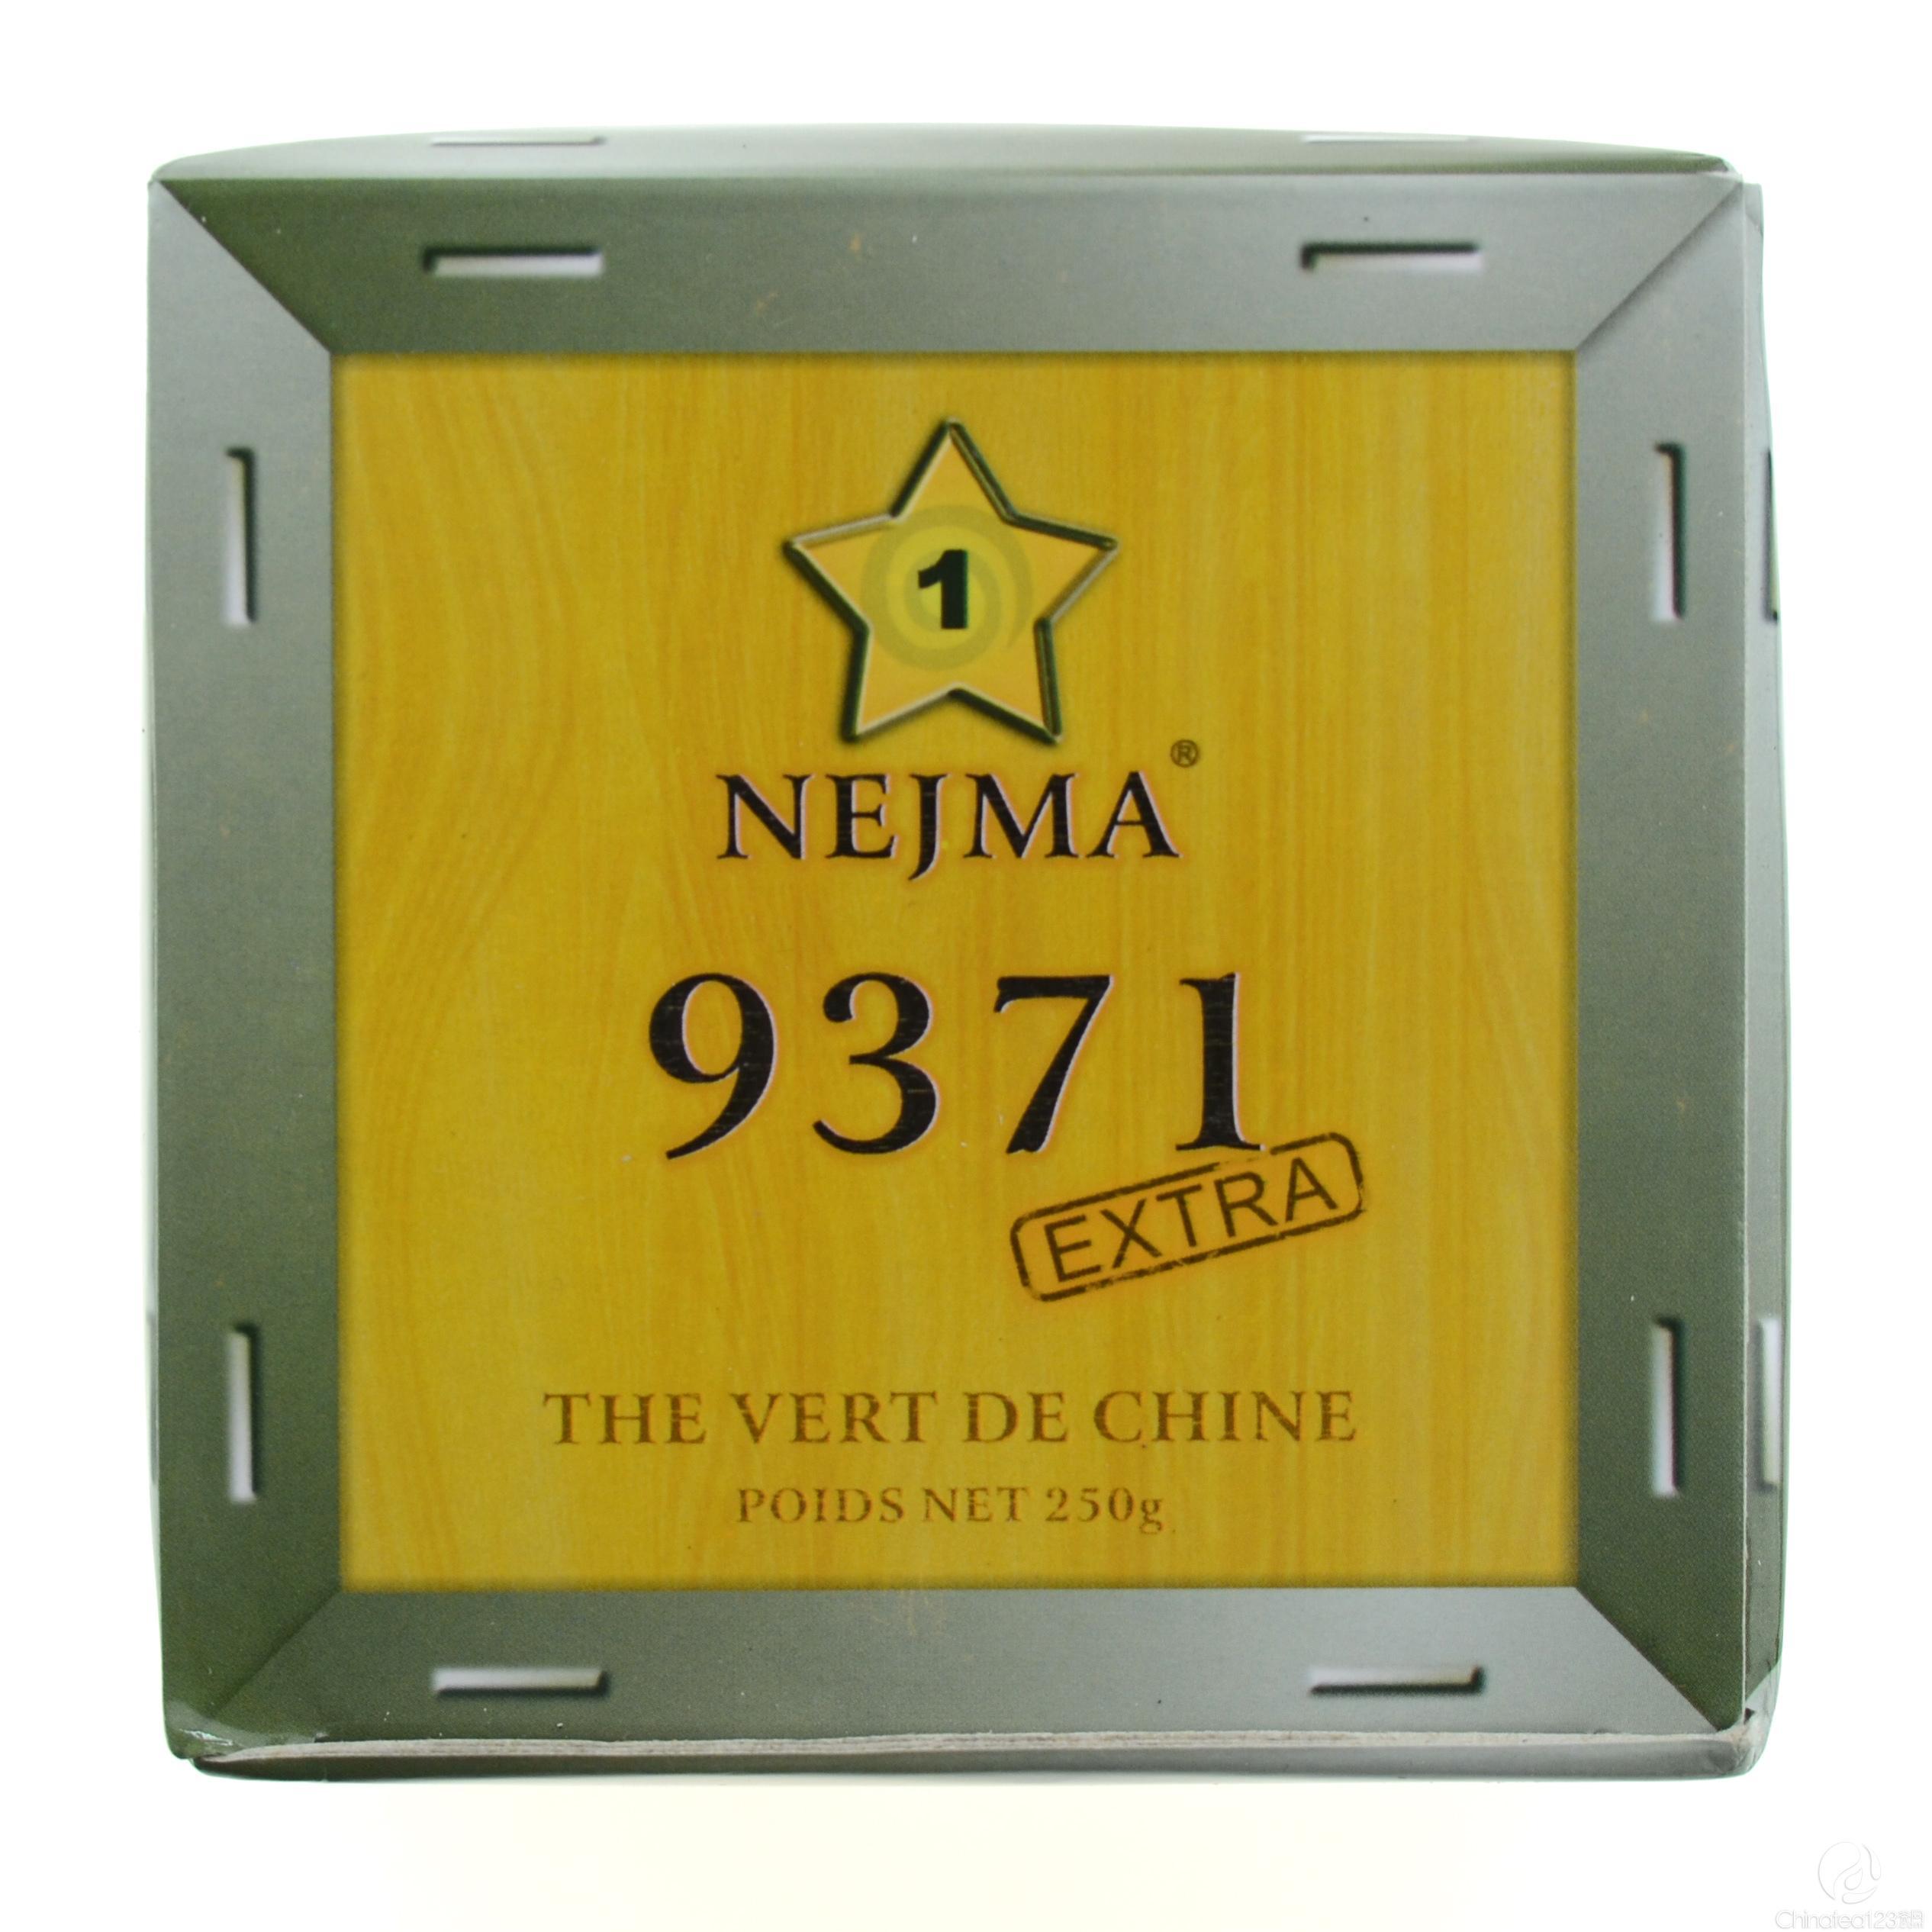 the vert chine 9371